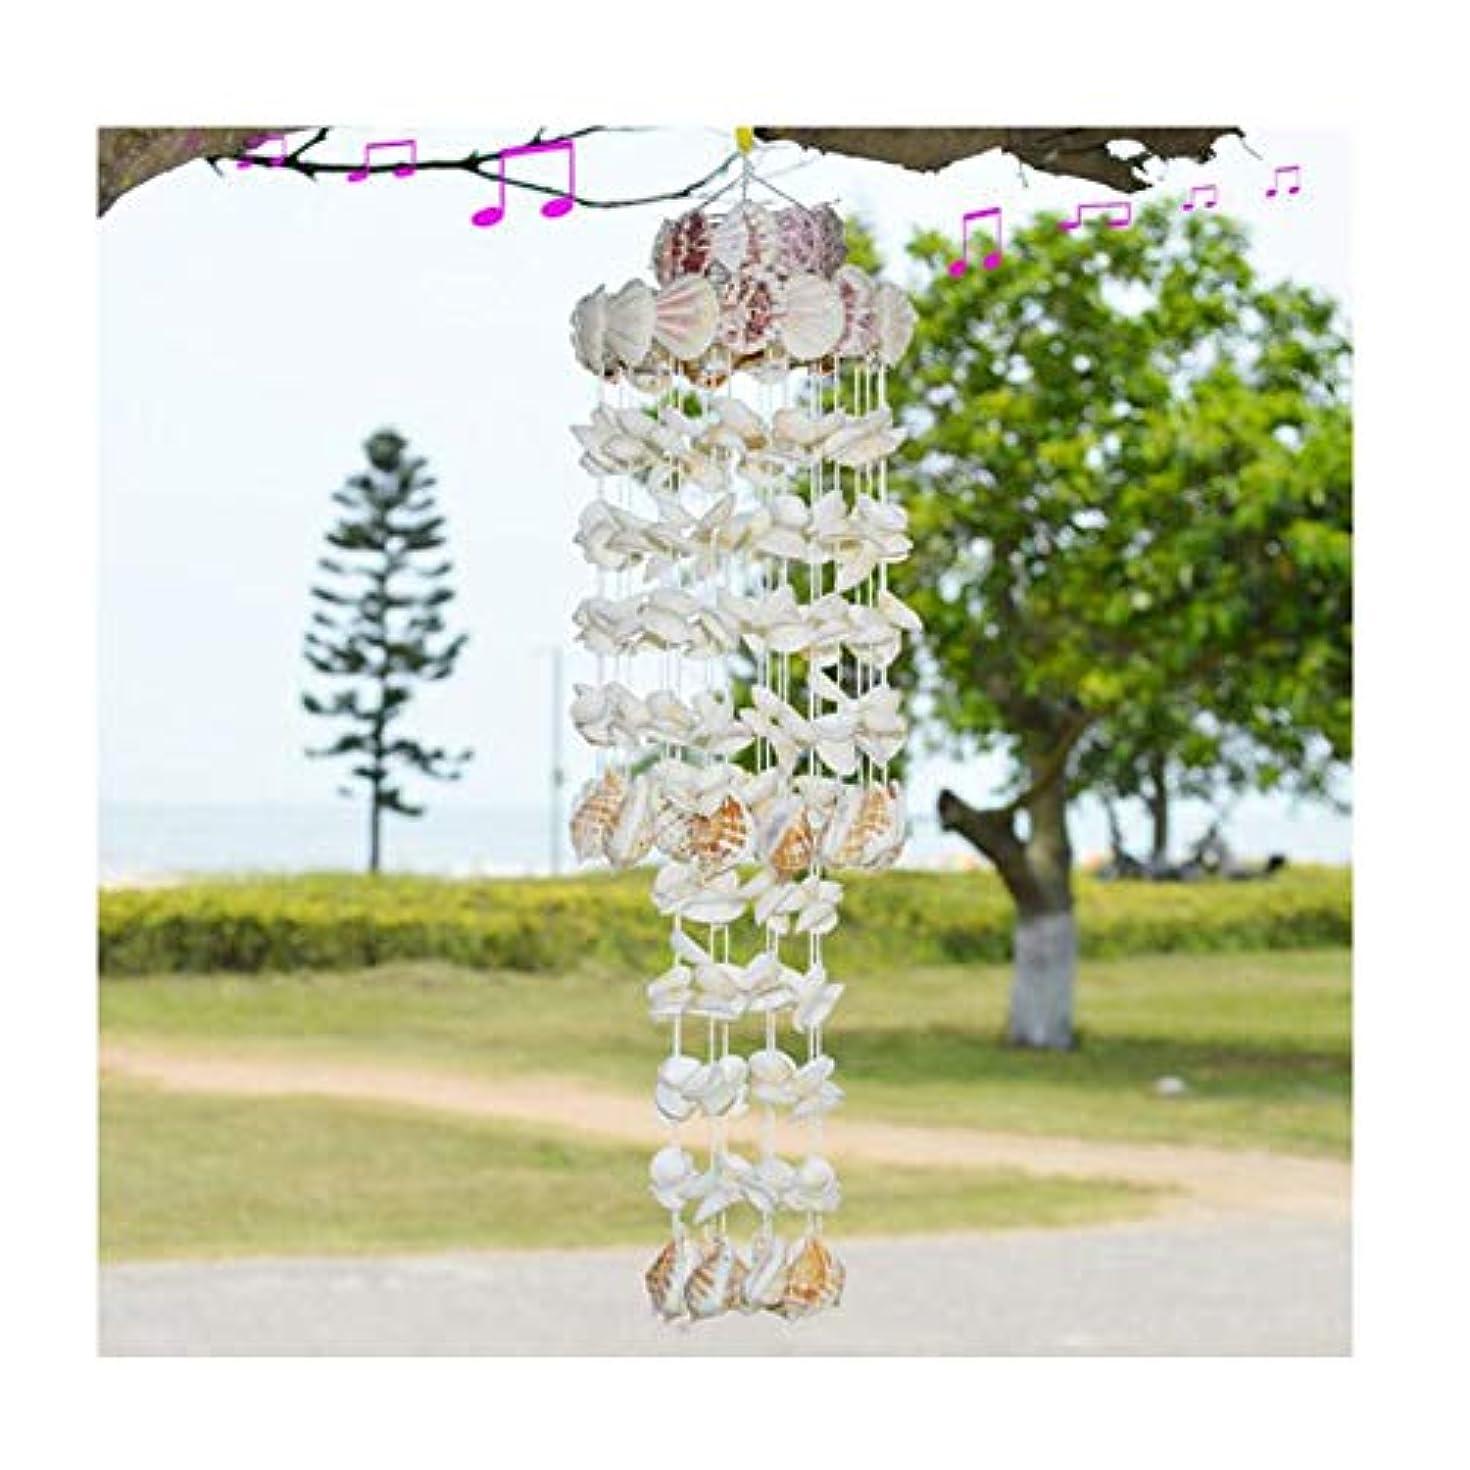 浴サルベージ粉砕する風チャイム、ガールクリエイティブ手作りのナチュラルシェル風の鐘、ベッドルームの装飾、誕生日プレゼント、サイズ、60センチ (Color : White)